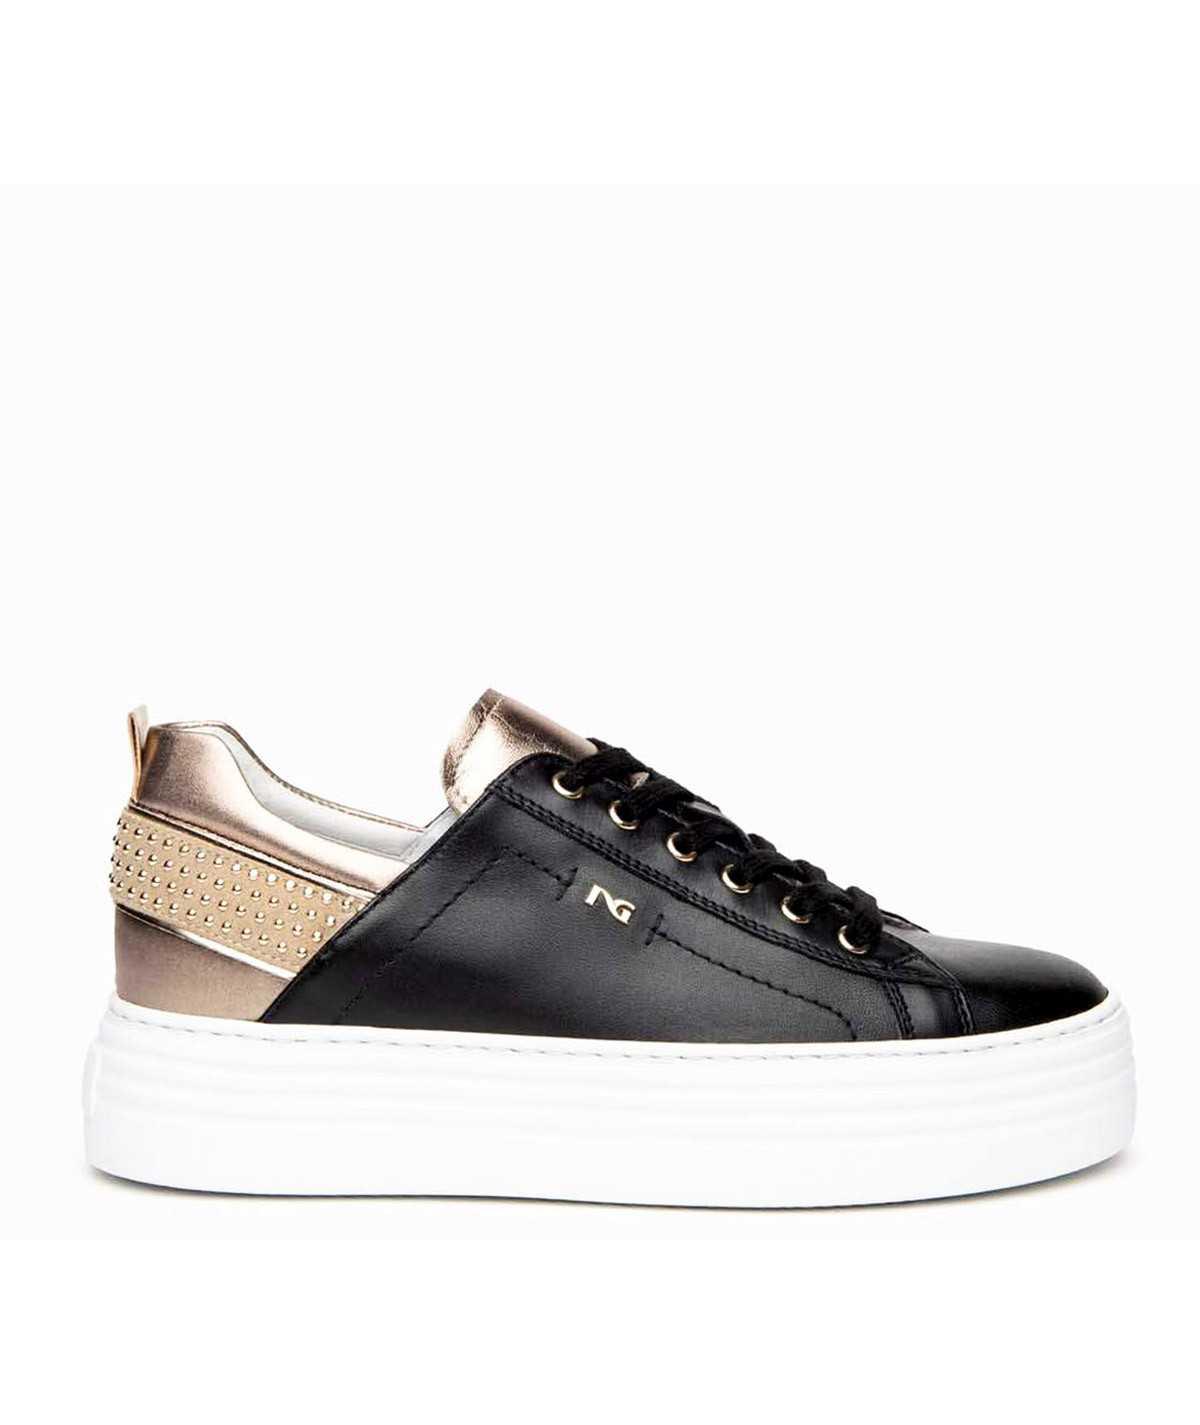 NEROGIARDINI Sneakers Donna